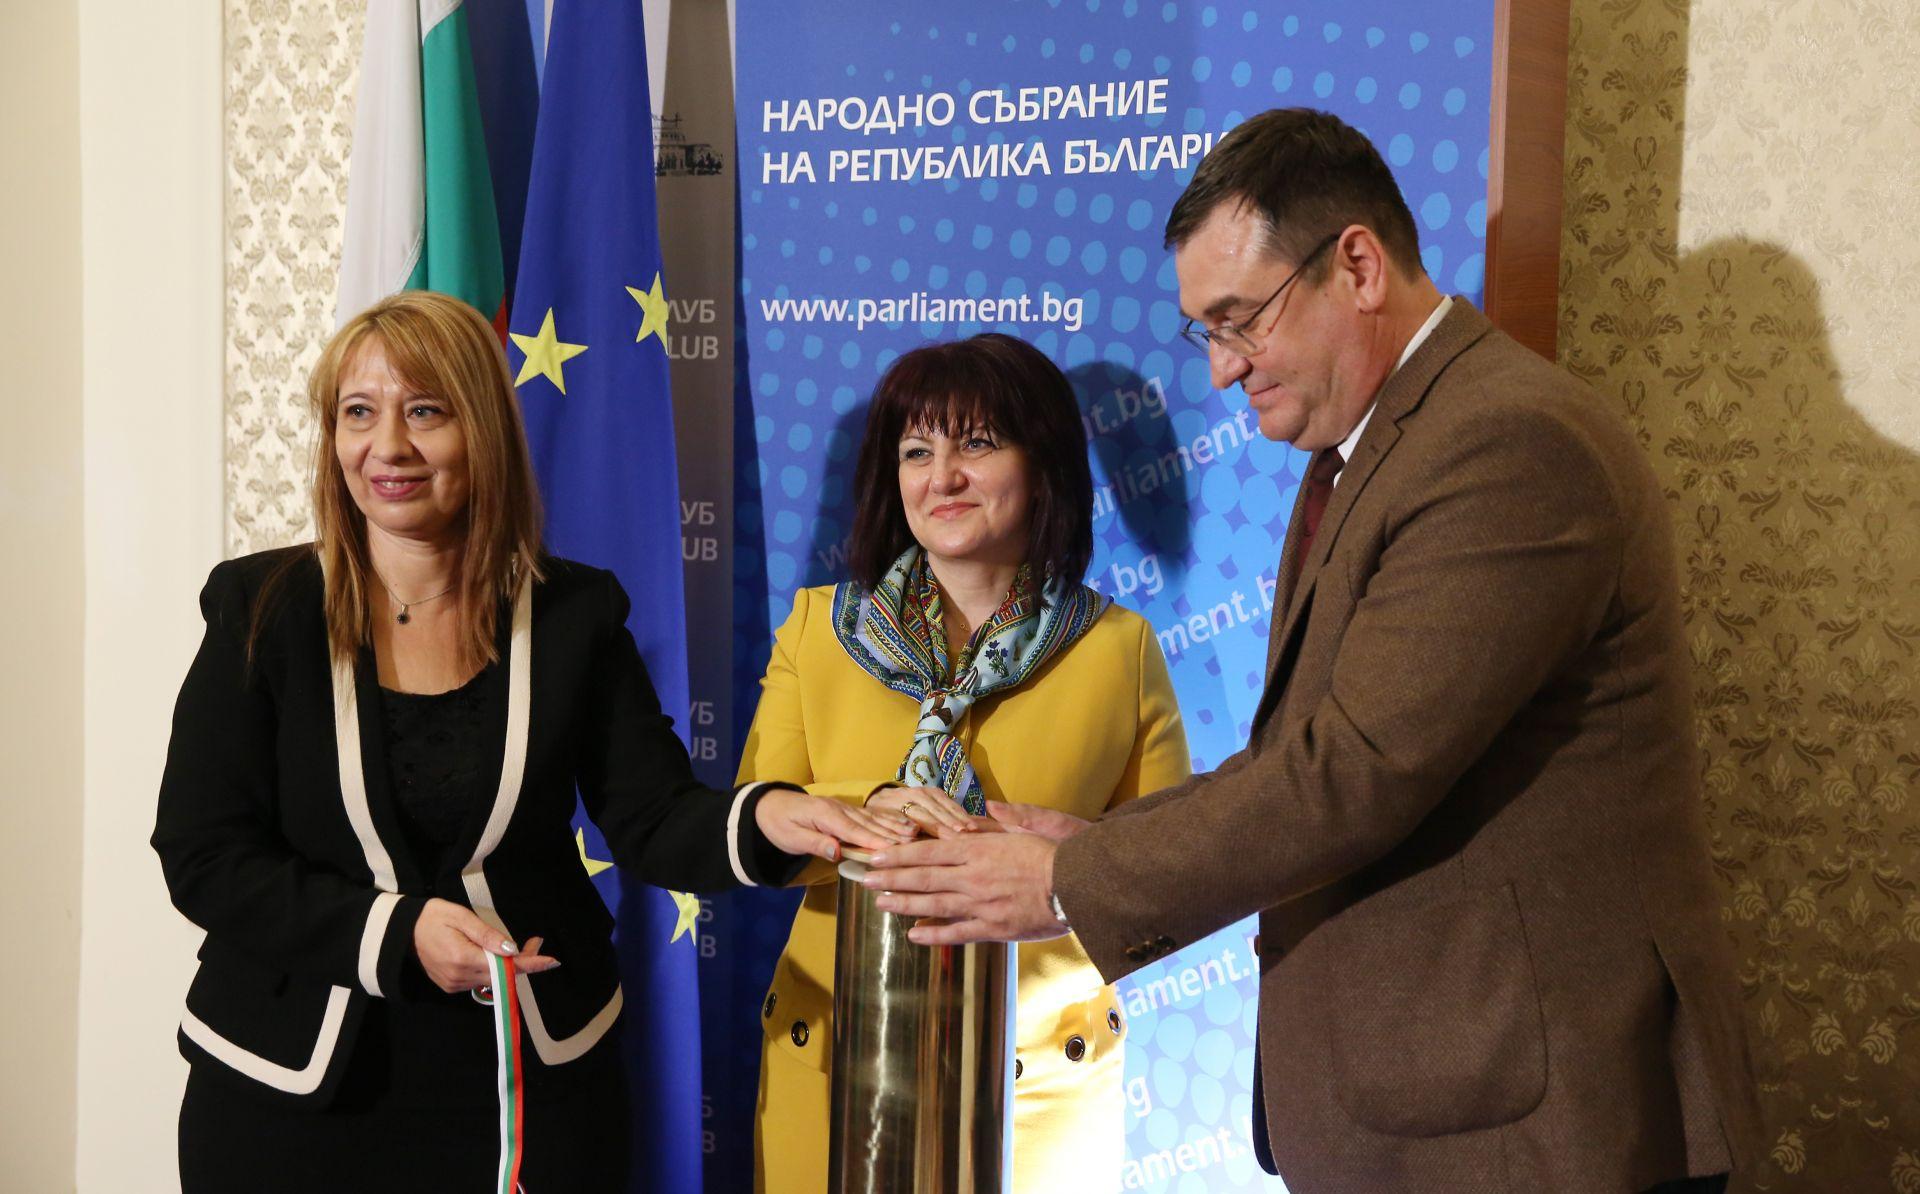 Председателят на Народното събрание Цвета Караянчева, Елеонора Лилова (вляво), председател ДАЗД, и Славчо Атанасов, председател на комисията по въпросите на децата, младежта и спорта